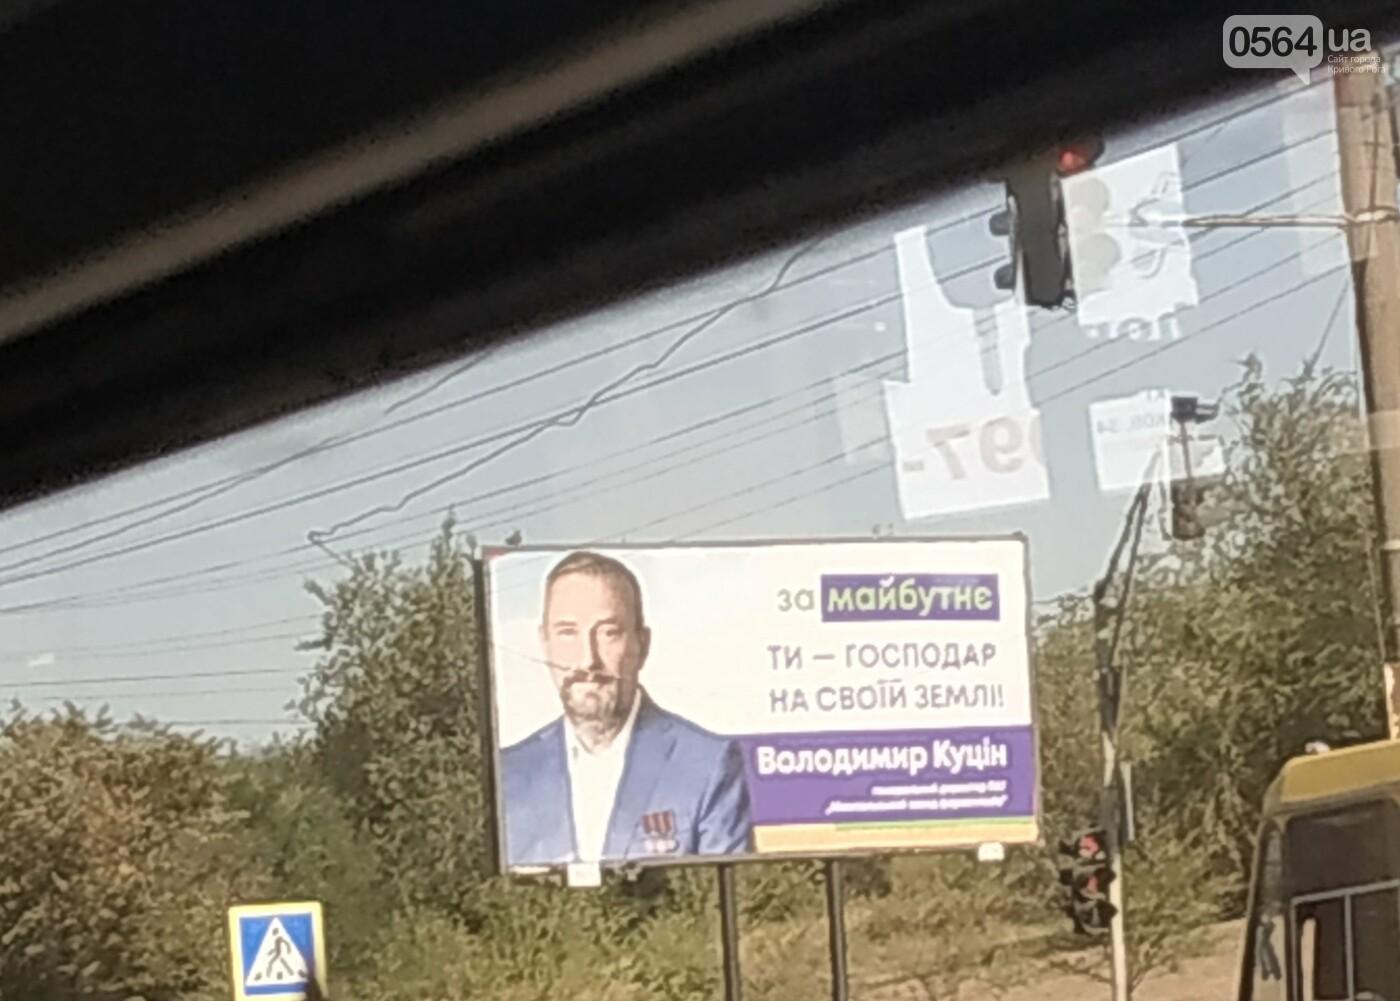 """В Кривом Роге """"Опора"""" фиксирует билборды кандидатов, в том числе без выходных данных, - ФОТО, фото-2"""